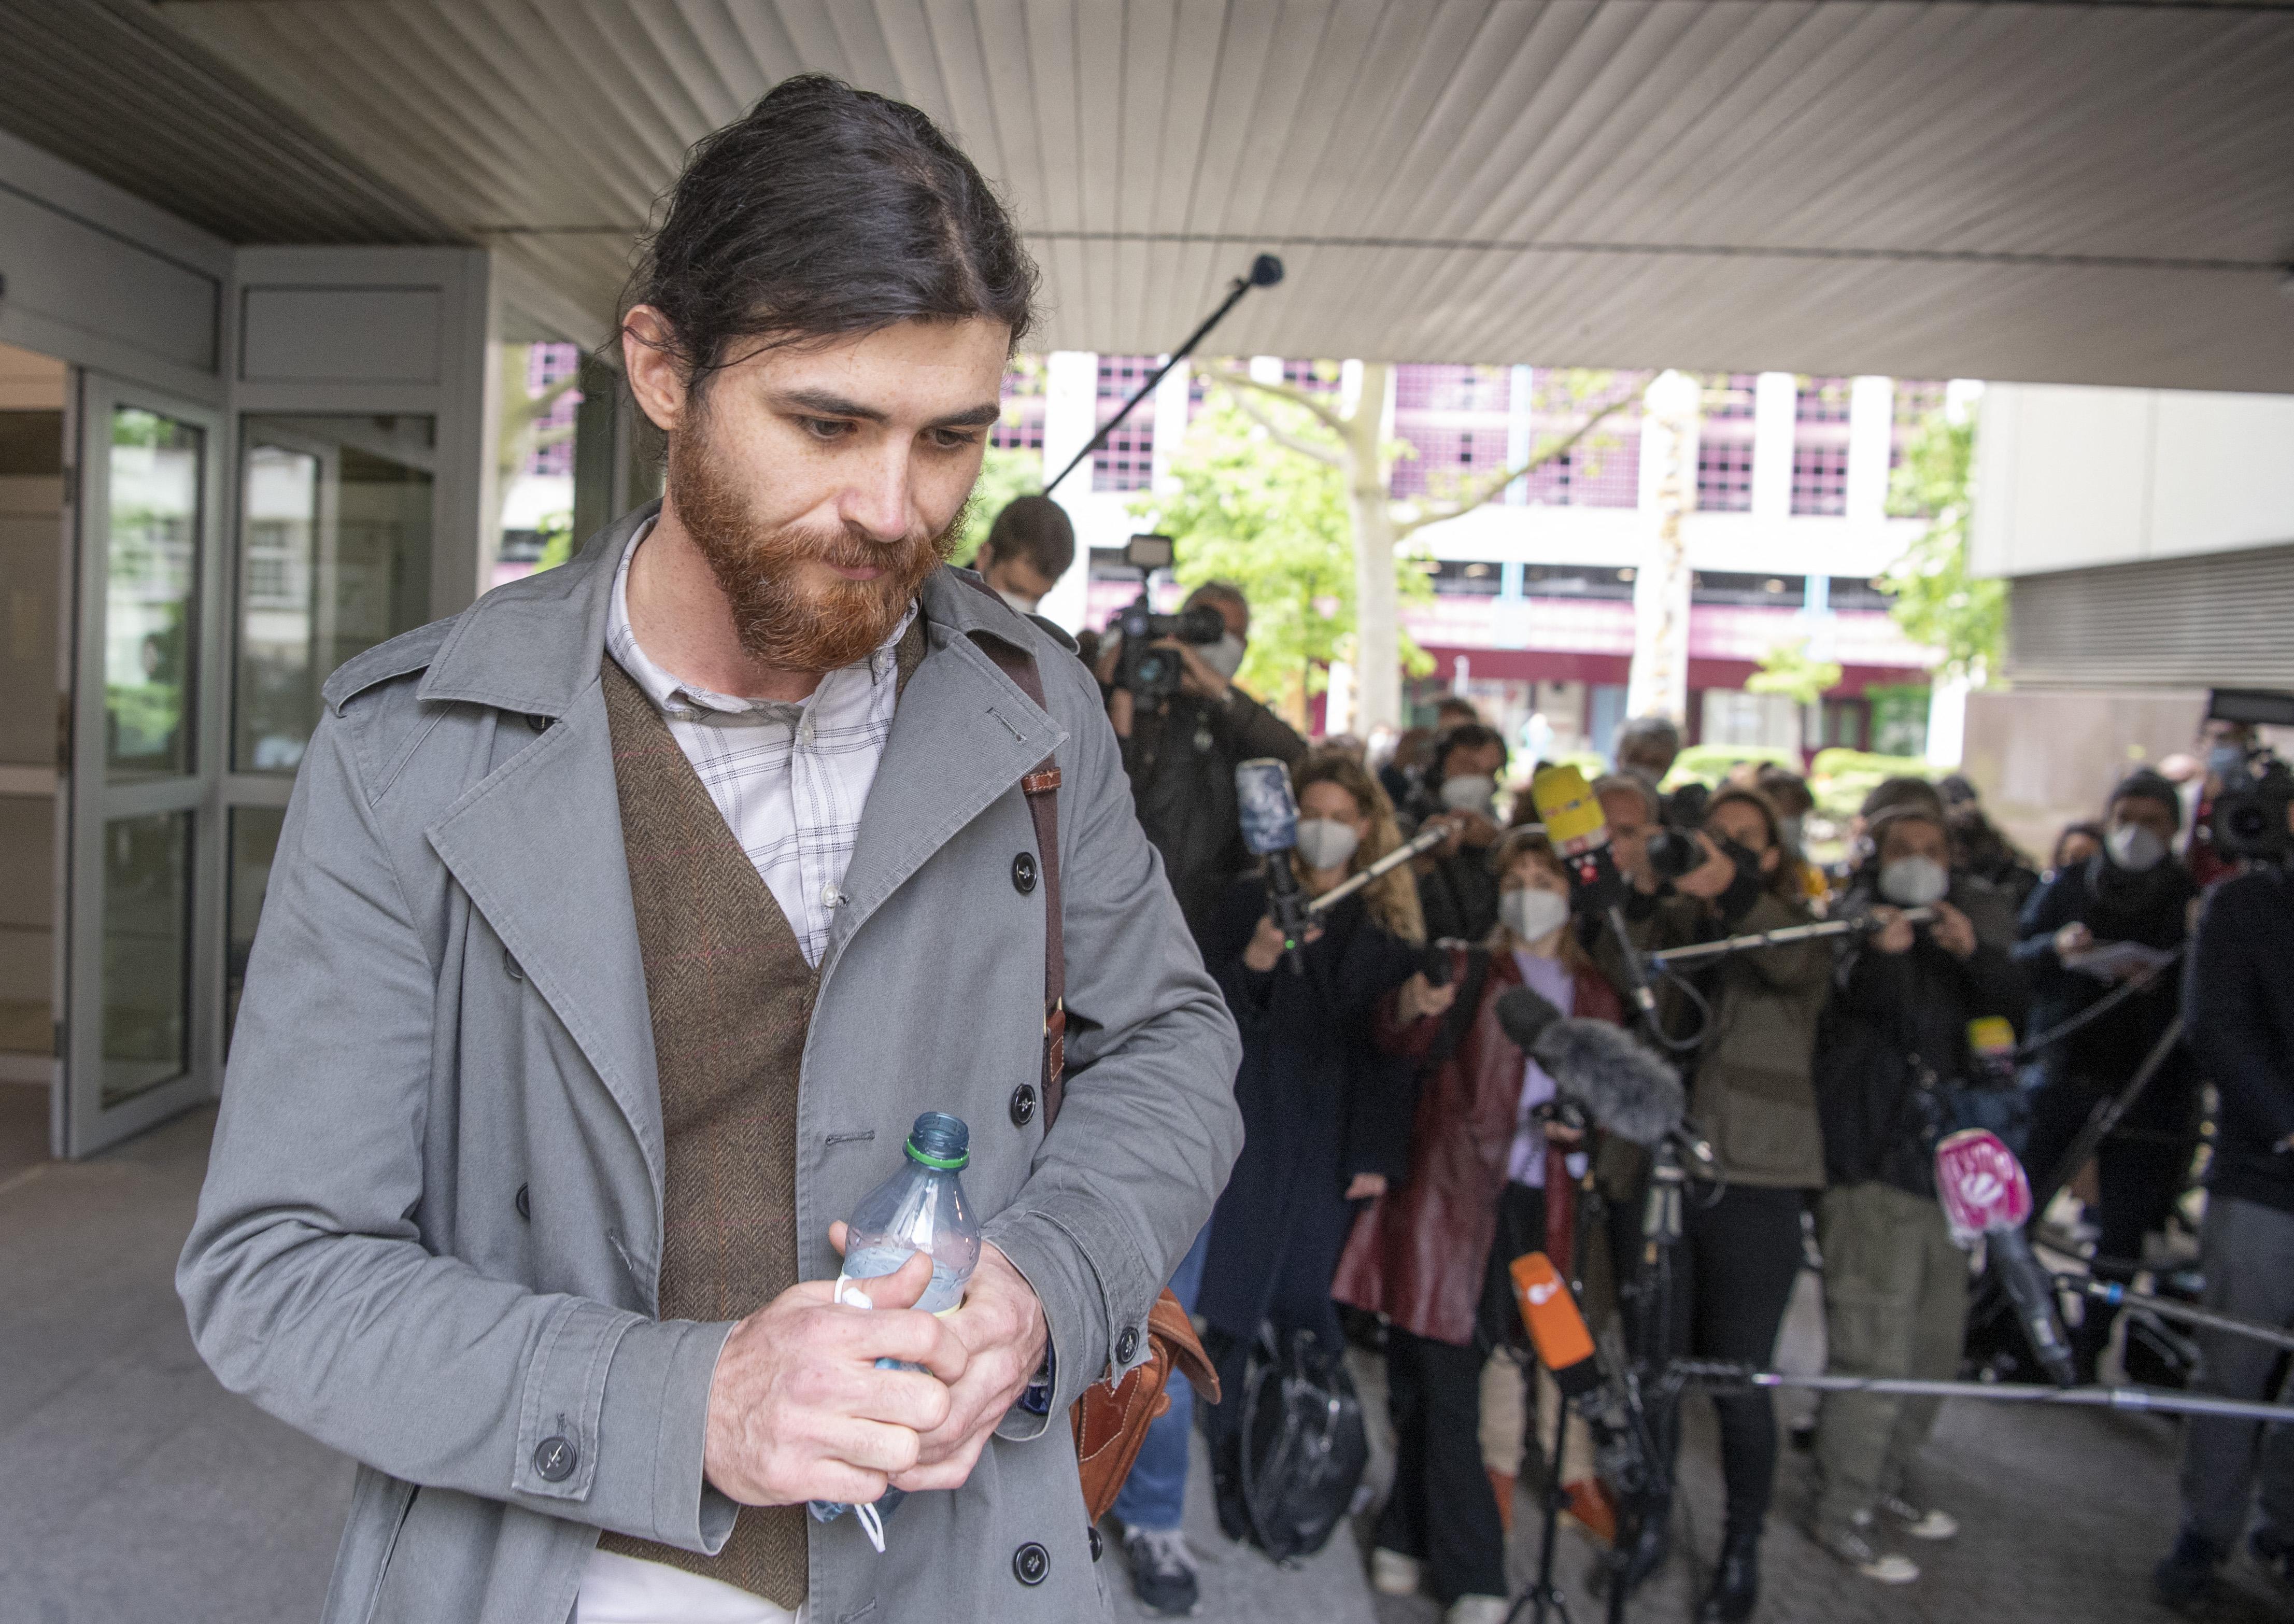 Bíróság elé állították a német hadnagyot, aki szír menekültnek adta ki magát